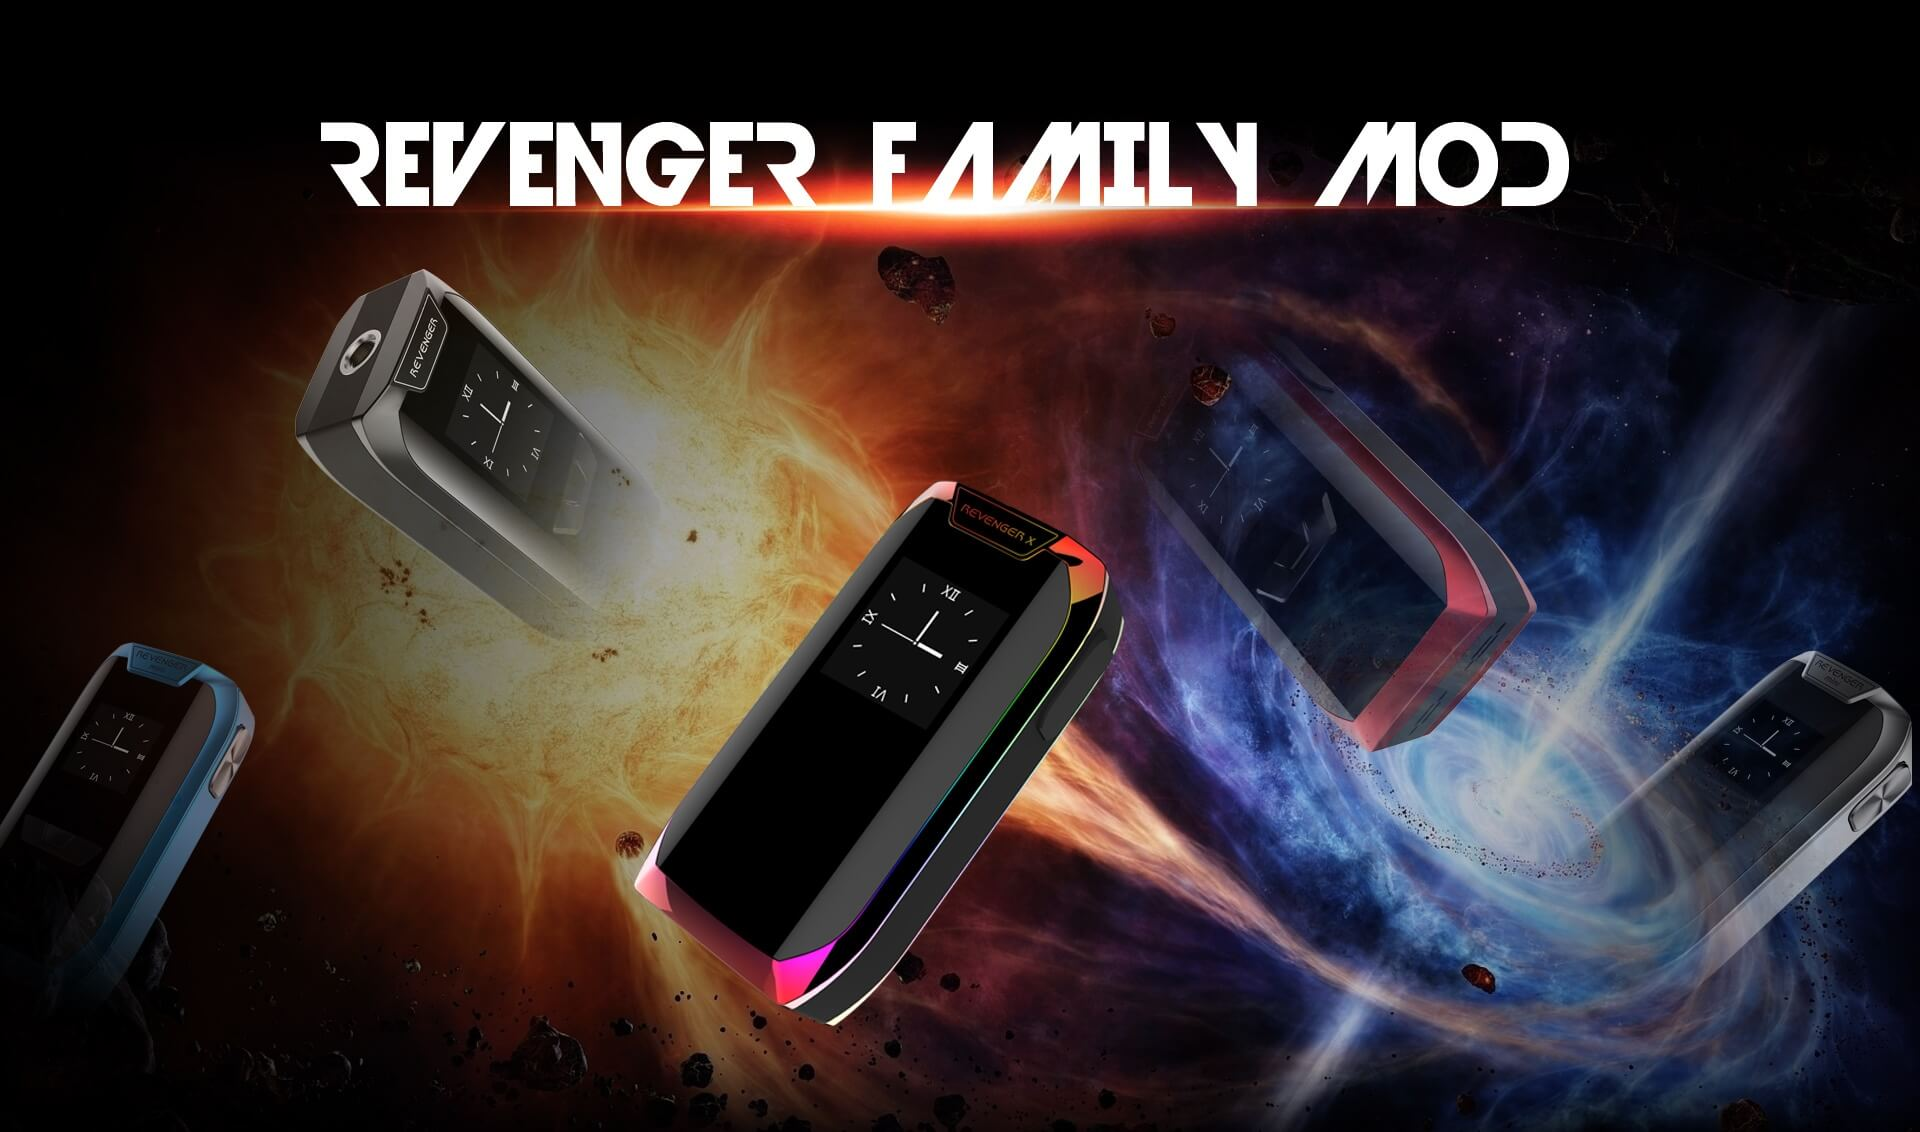 revenger_family_mod_s01.jpg